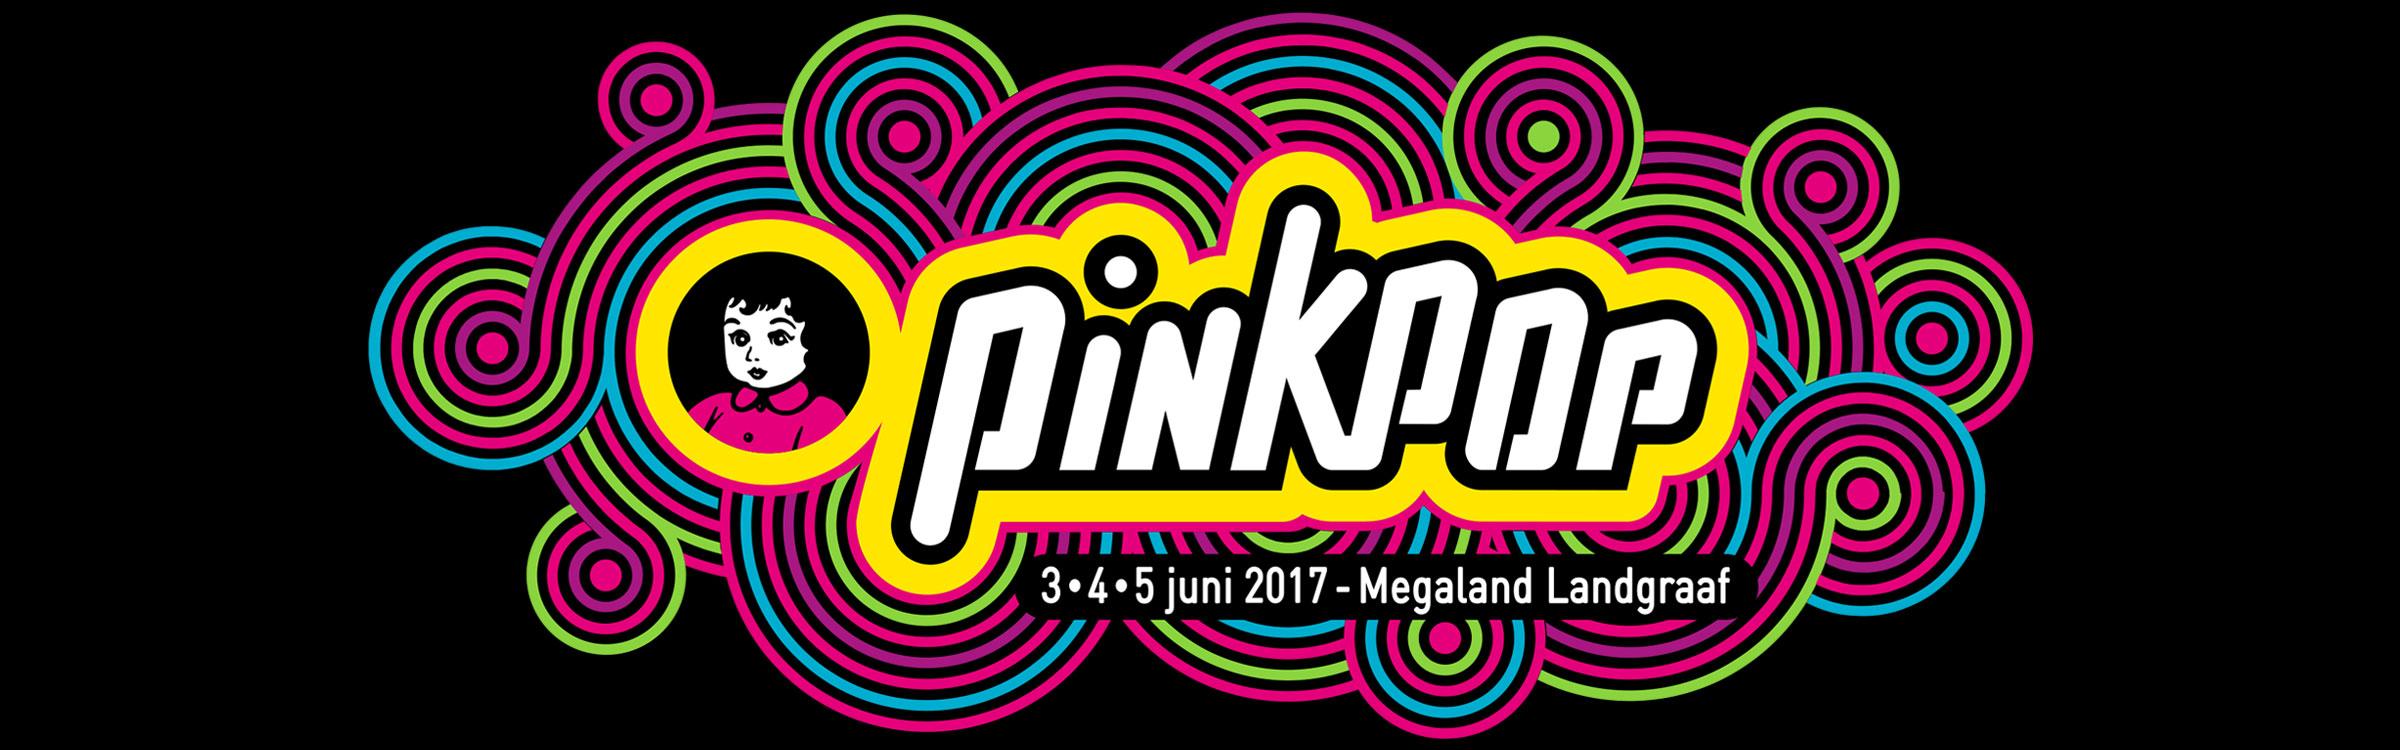 Pinkpop header 2017